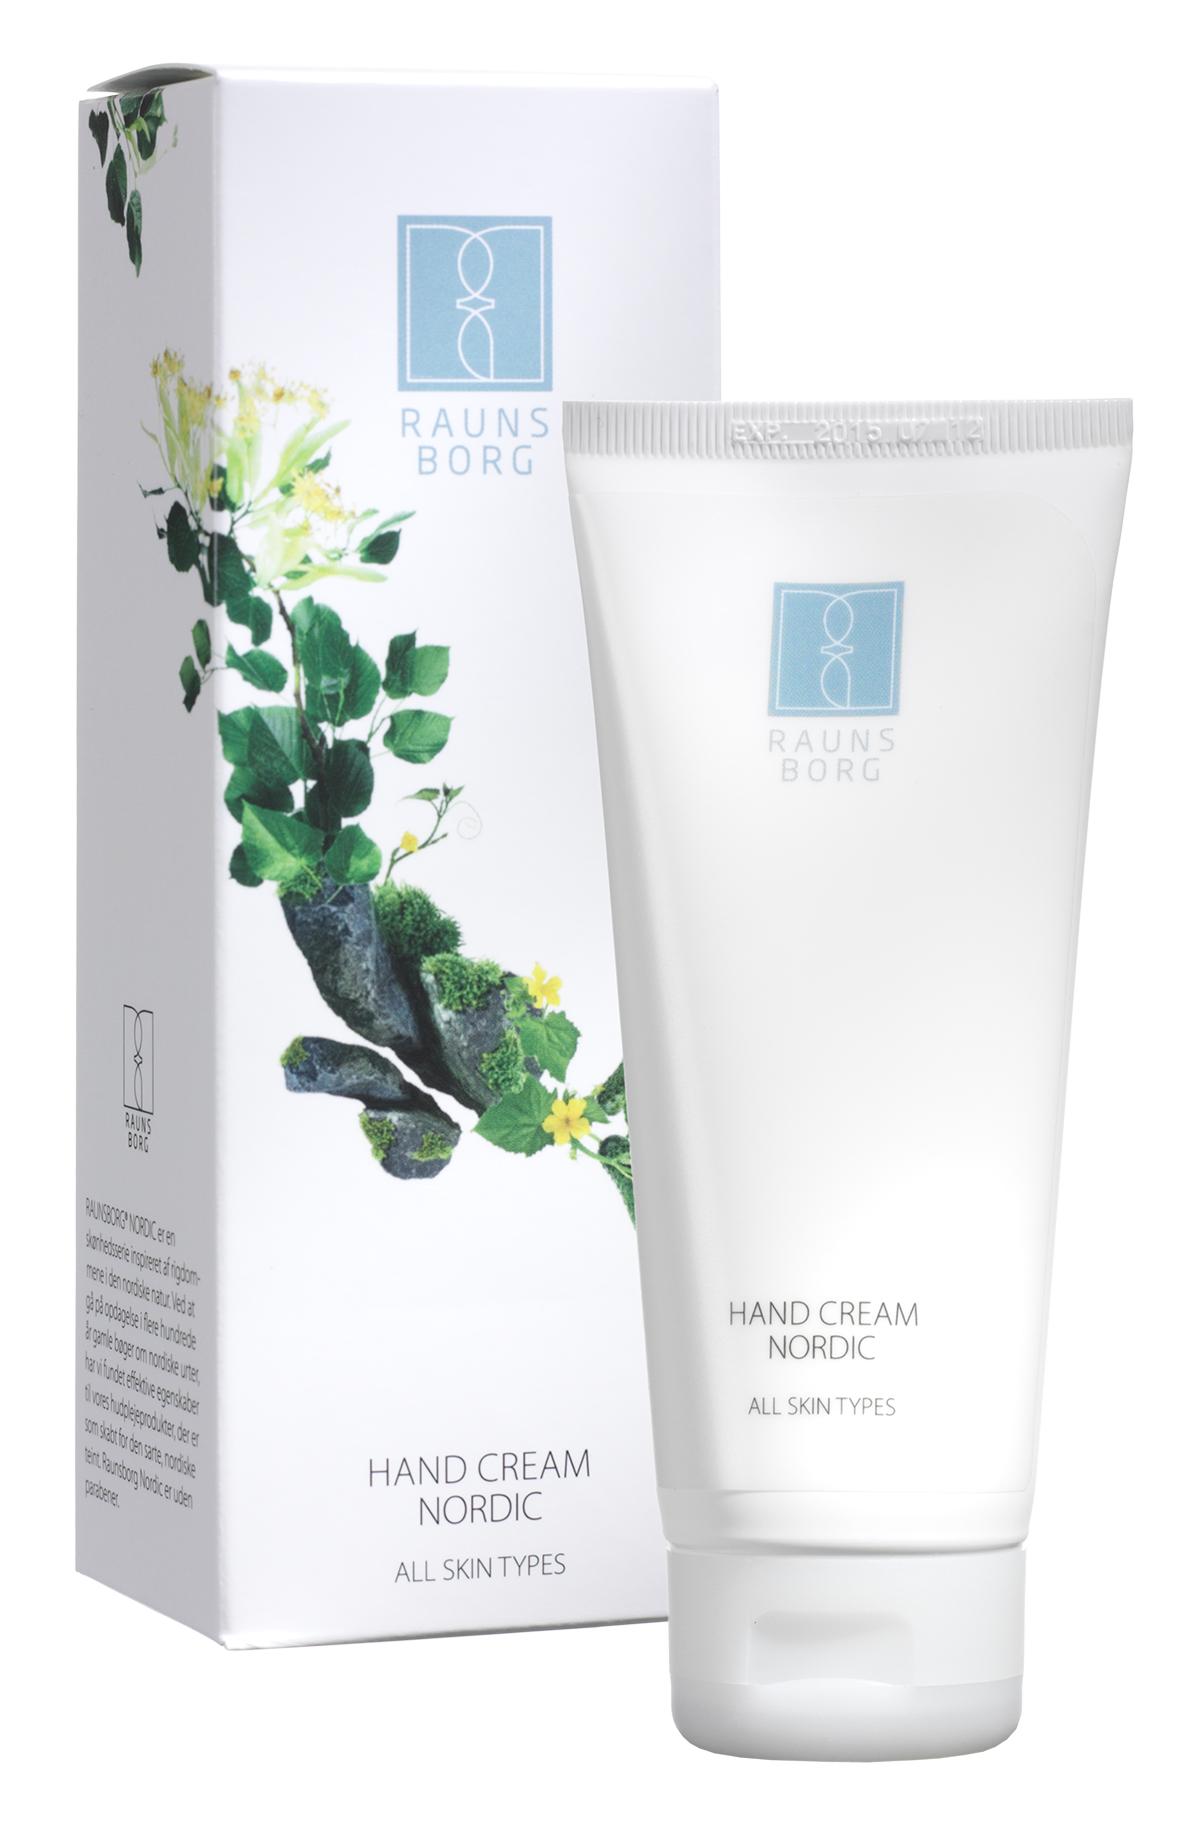 Raunsborg Hand Cream, 100 ml